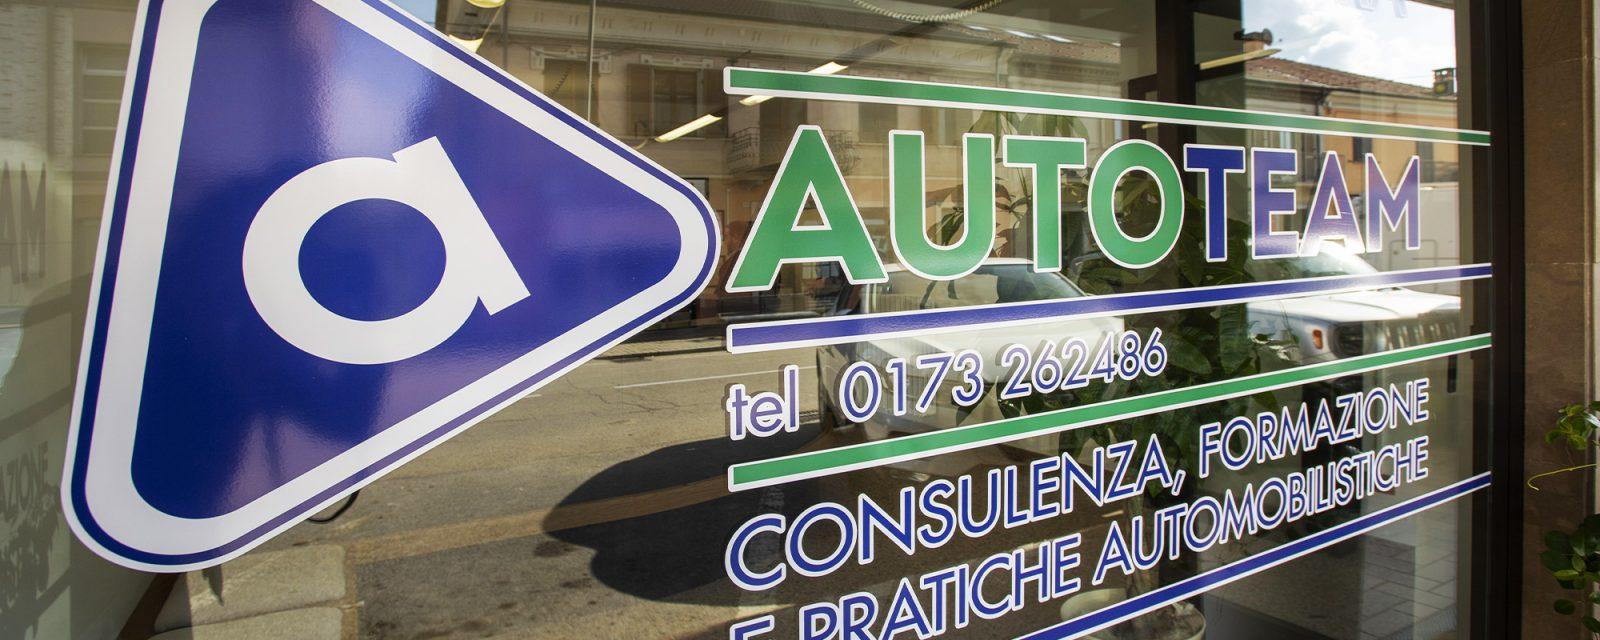 Agenzia Autoteam | I nostri valori